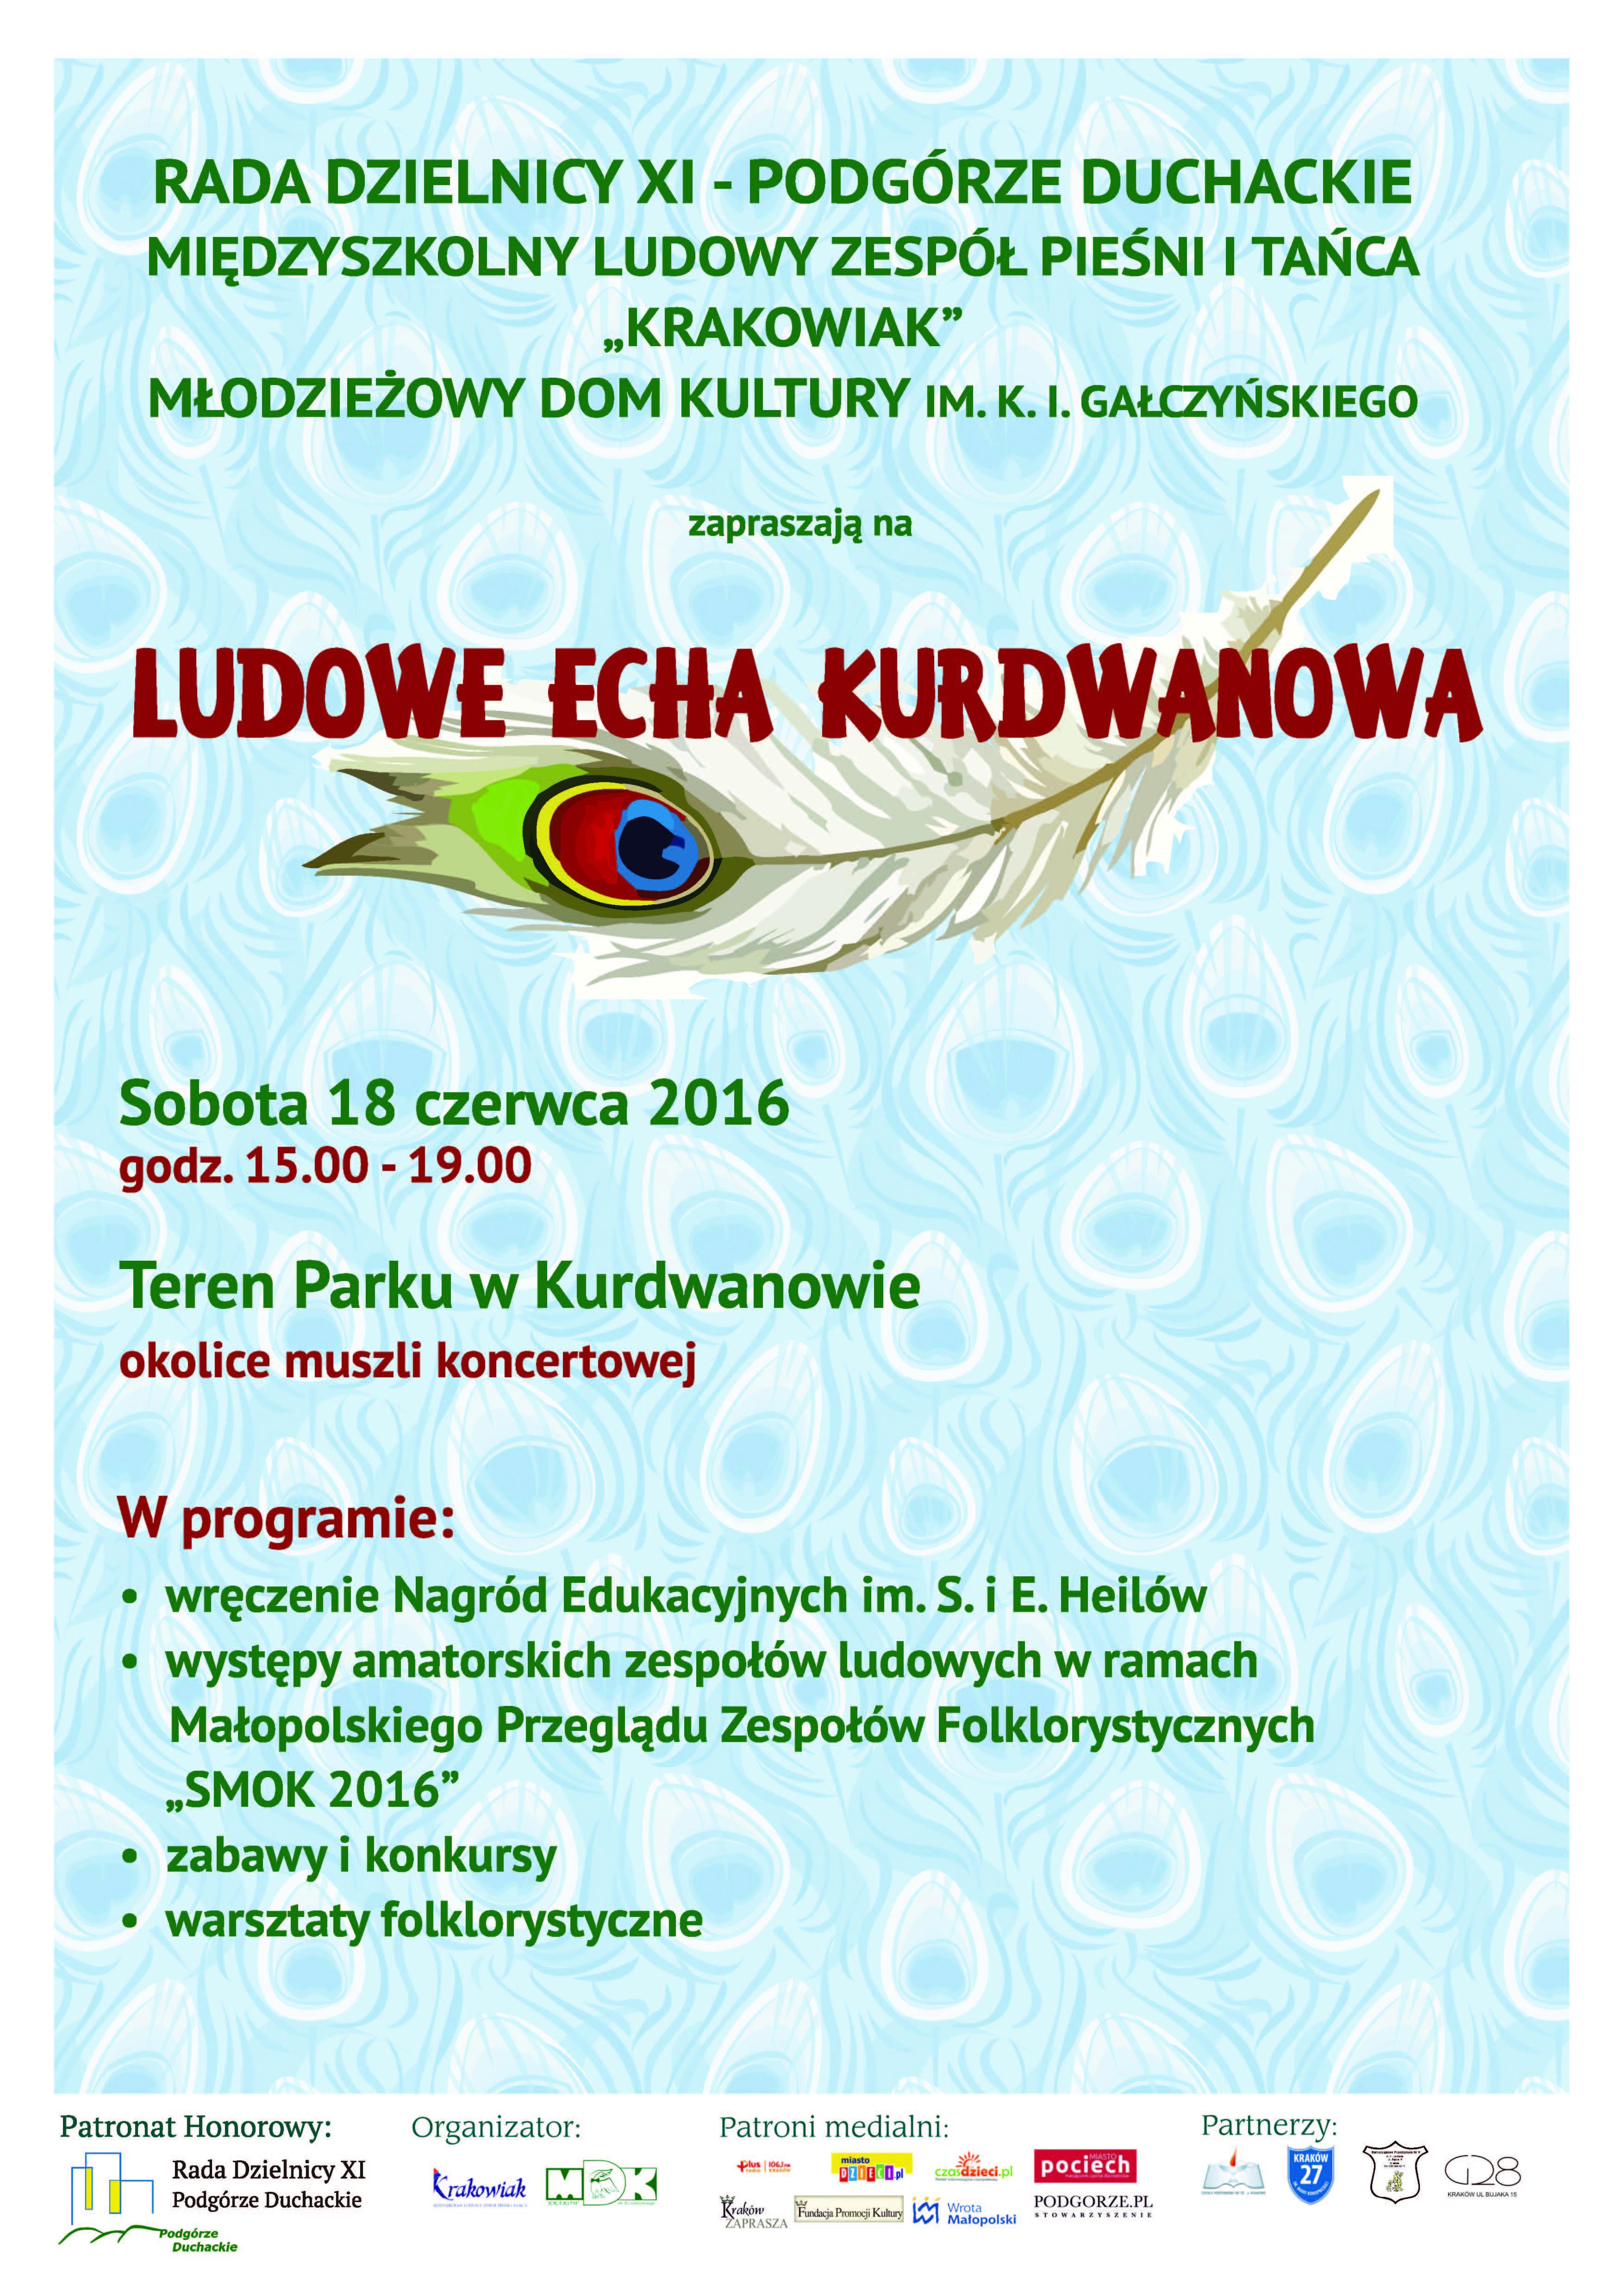 Ludowe Echa Kurdwanowa krakow